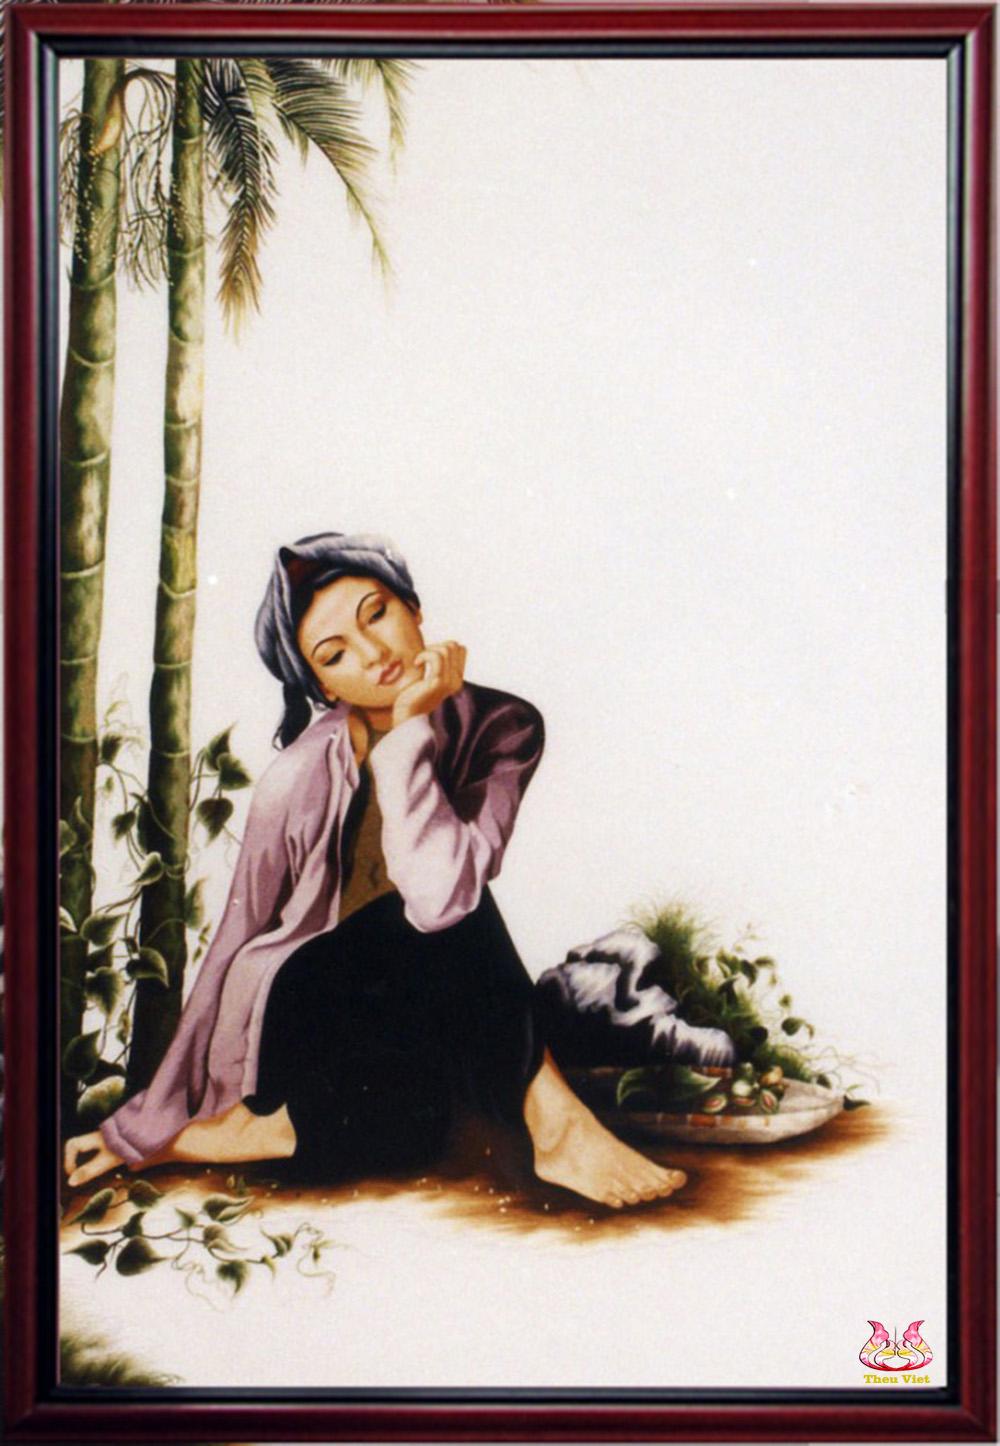 Tranh thêu chân dung Hương cau (MPC0137)